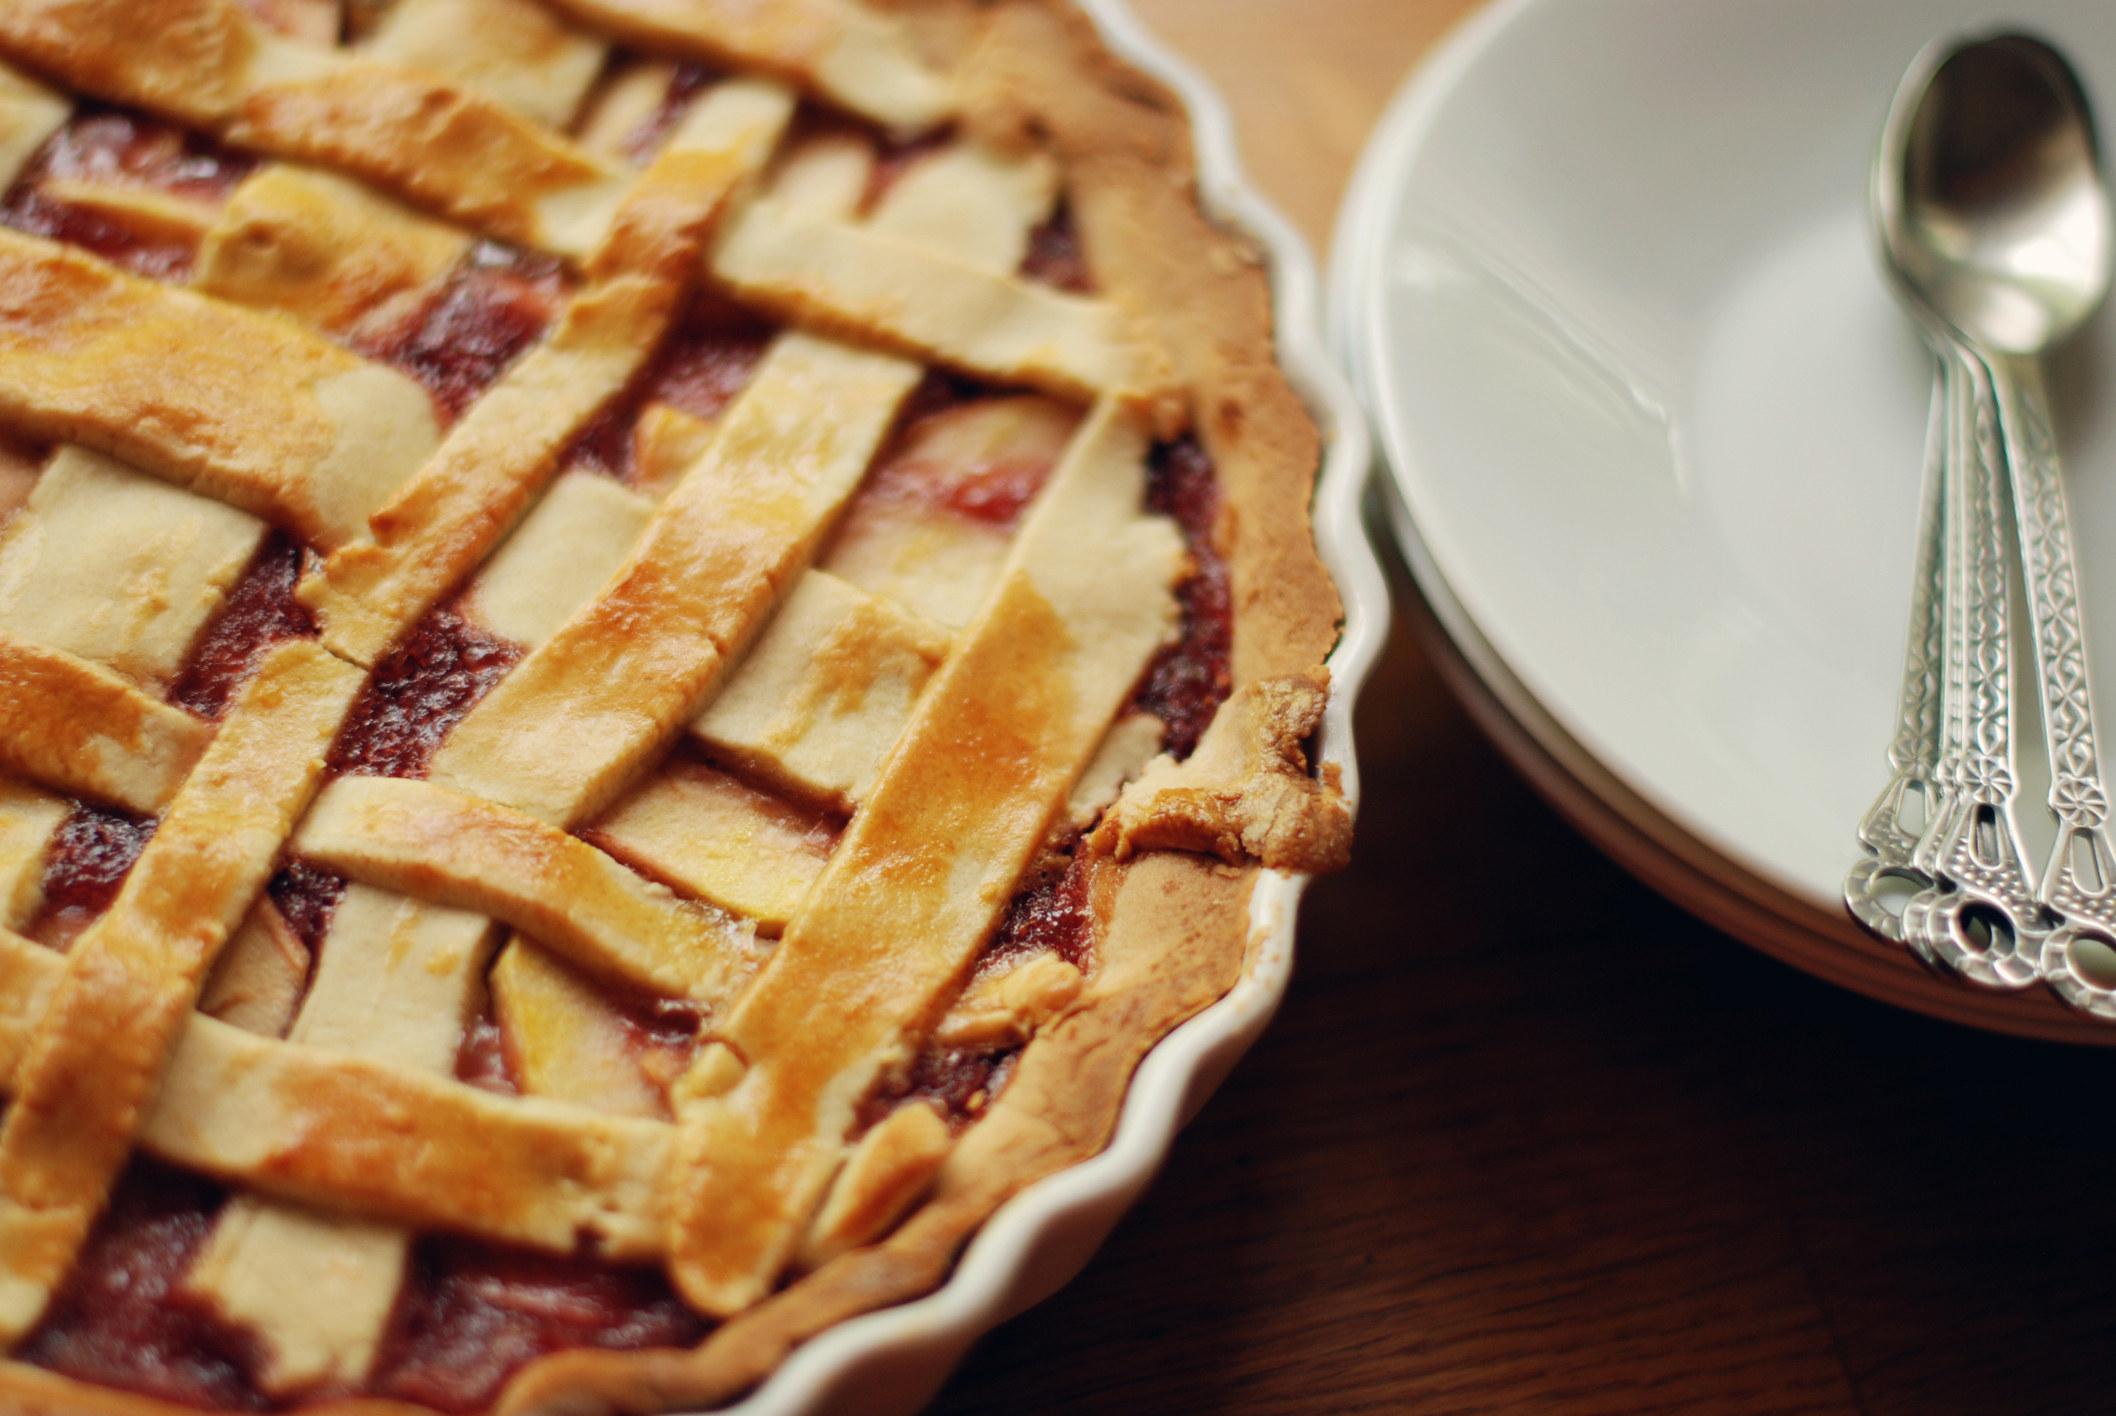 pie with broken lattice